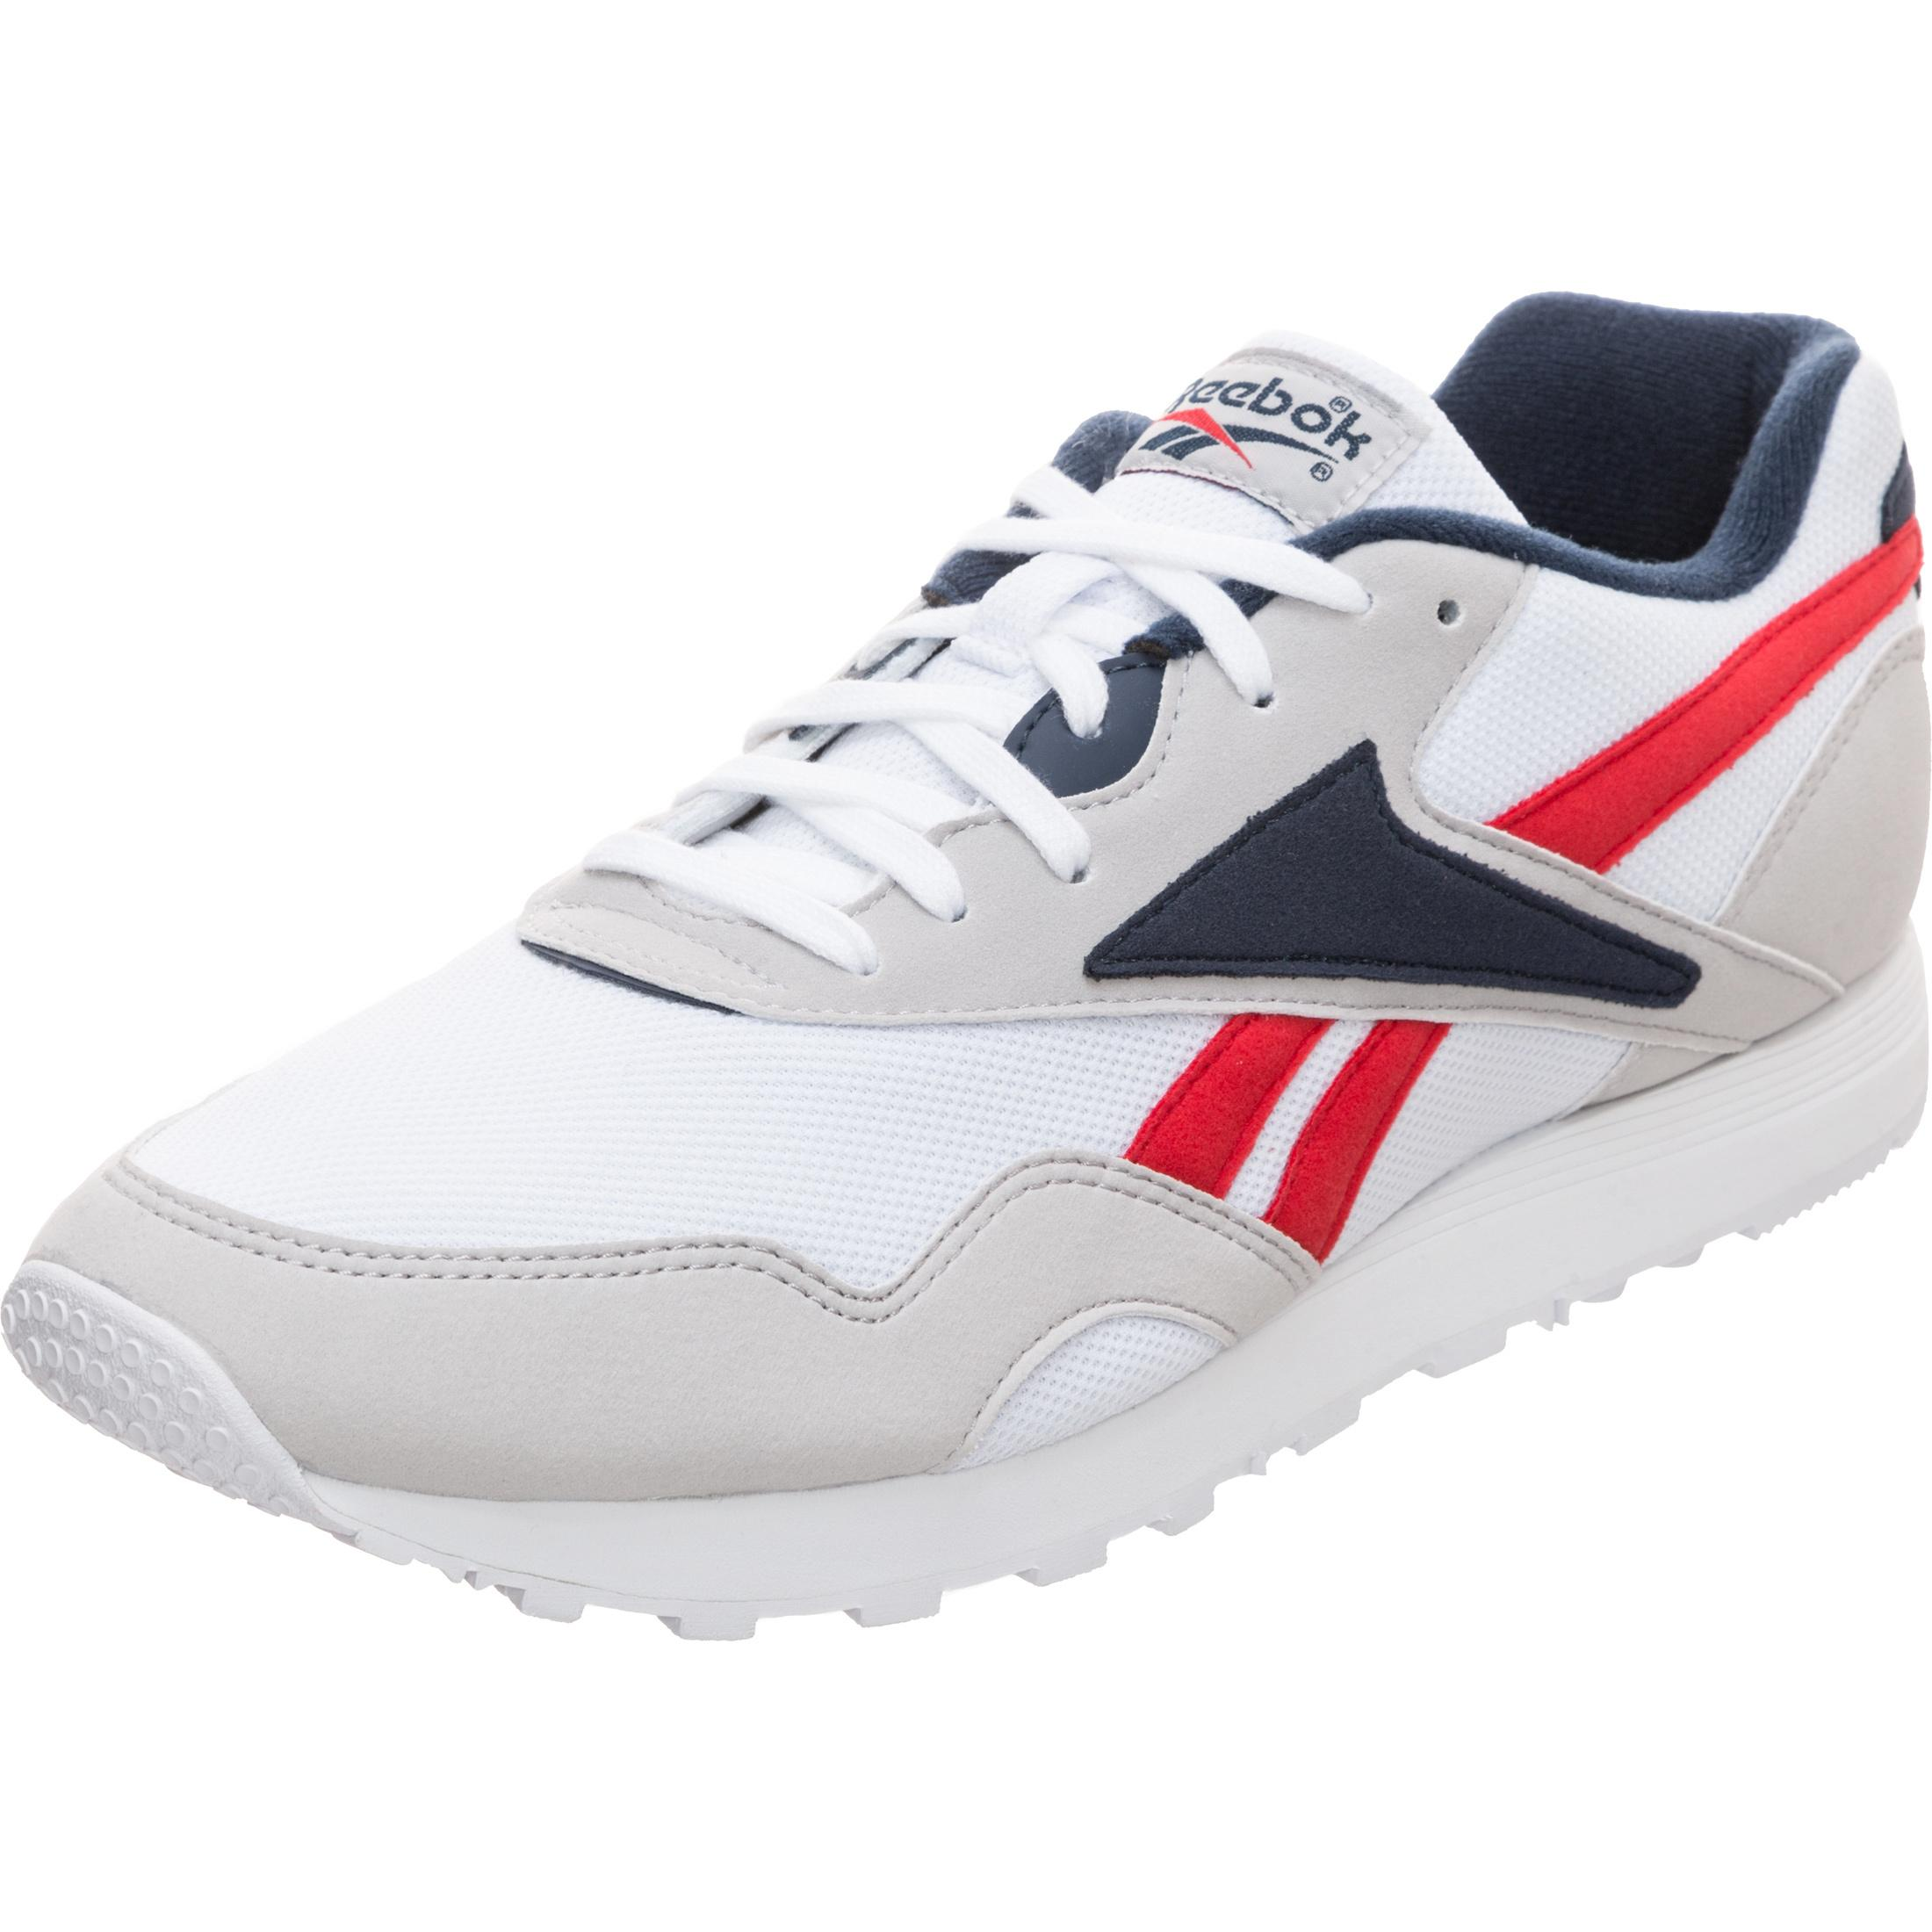 Reebok Rapide MU Turnschuhe grau / weiß / blau im kaufen Online Shop von SportScheck kaufen im Gute Qualität beliebte Schuhe 09e97e